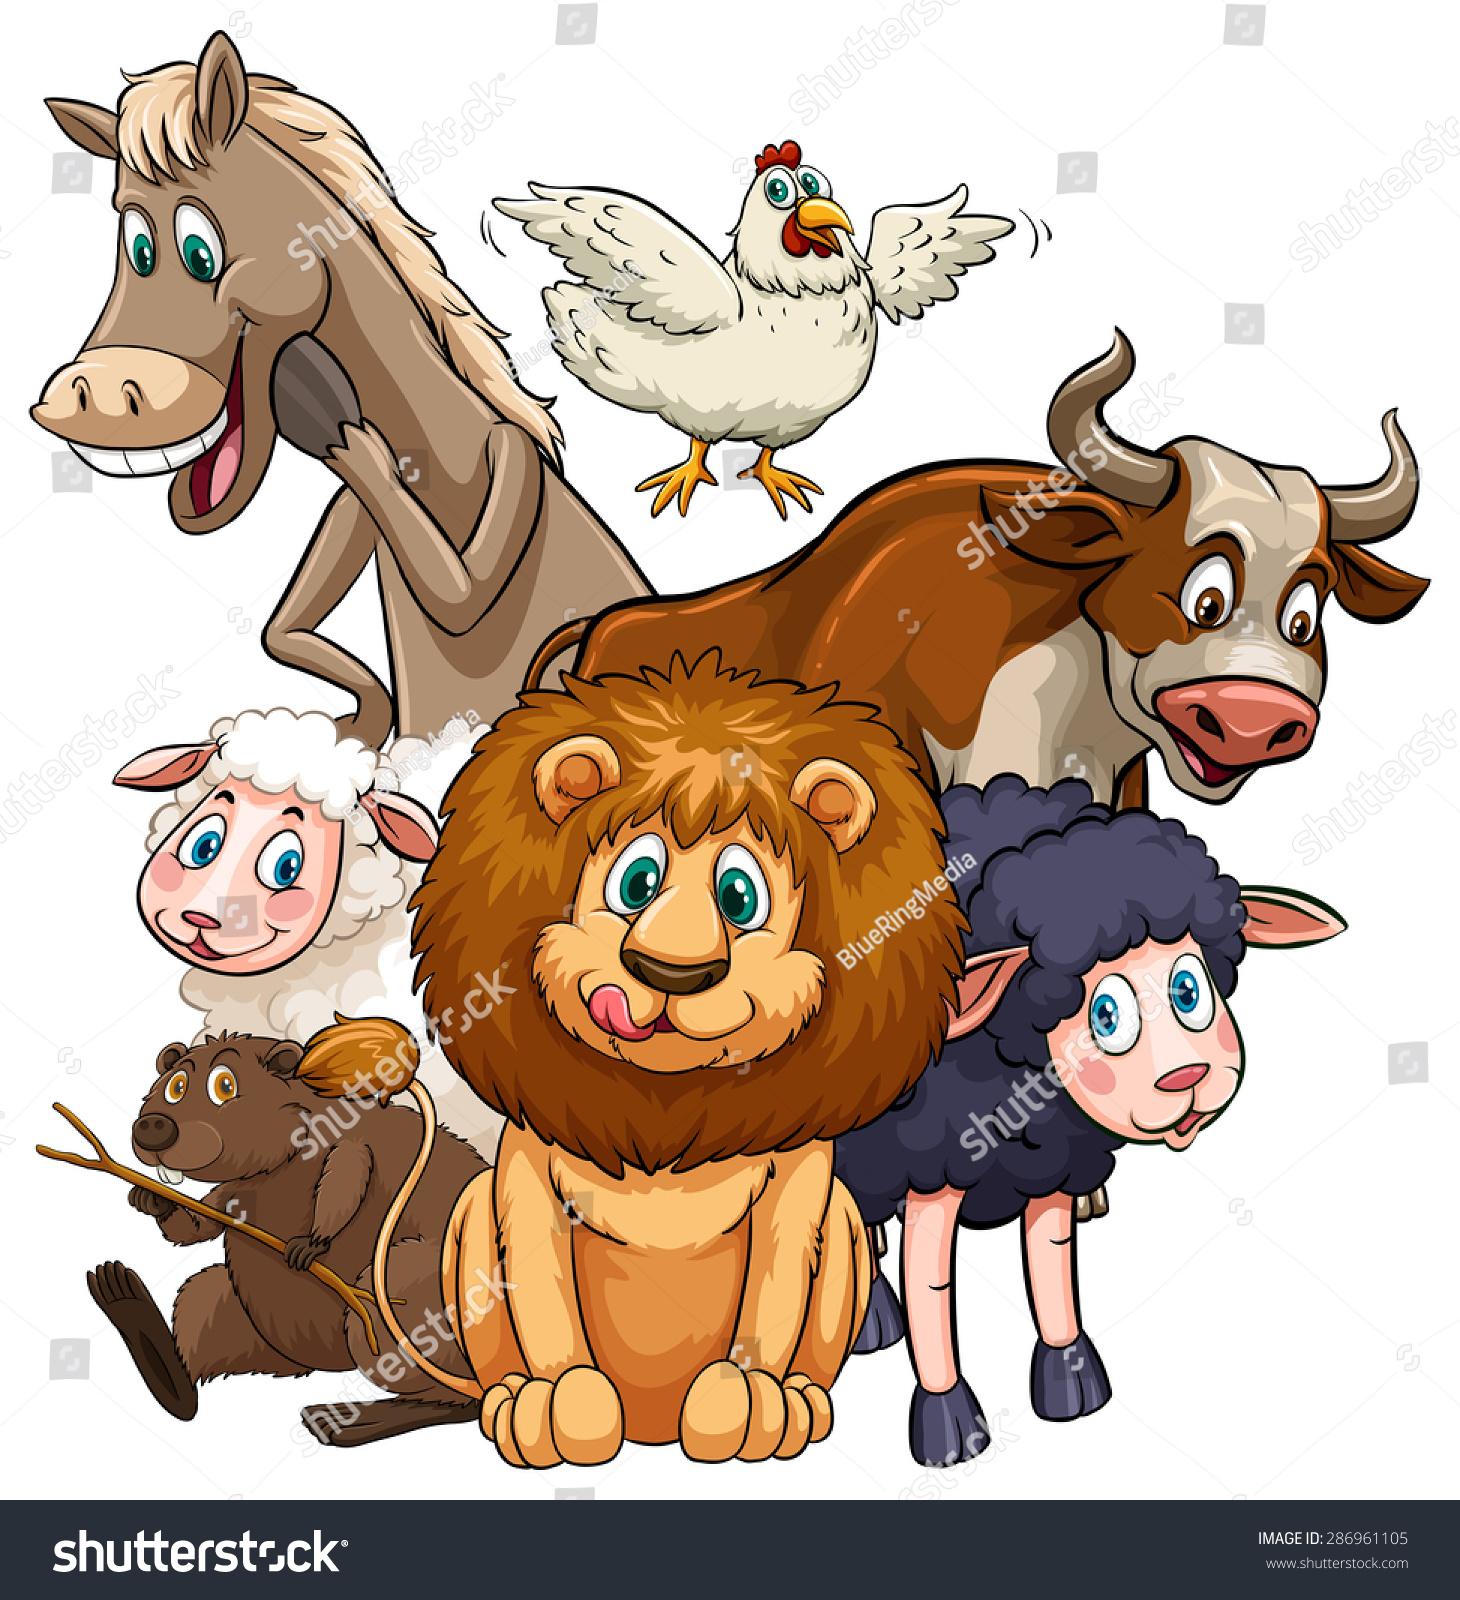 可爱的动物角色在白色的背景-动物/野生生物-海洛